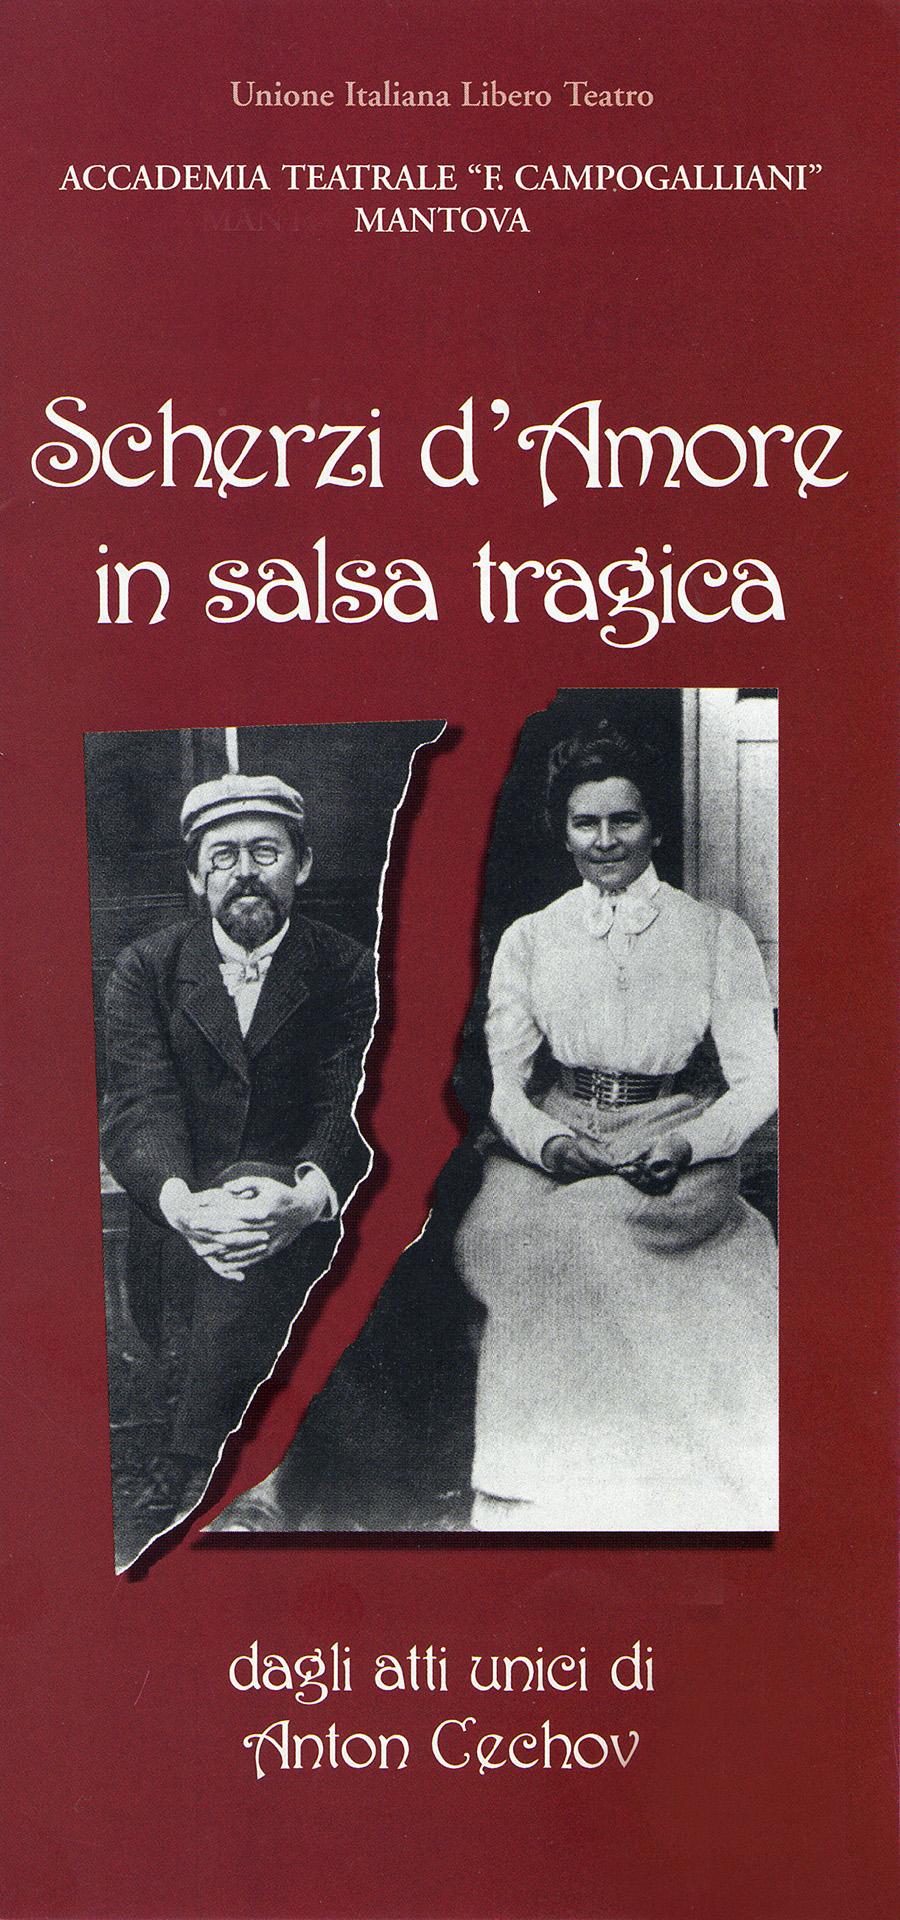 Scherzi d'amore in salsa tragica